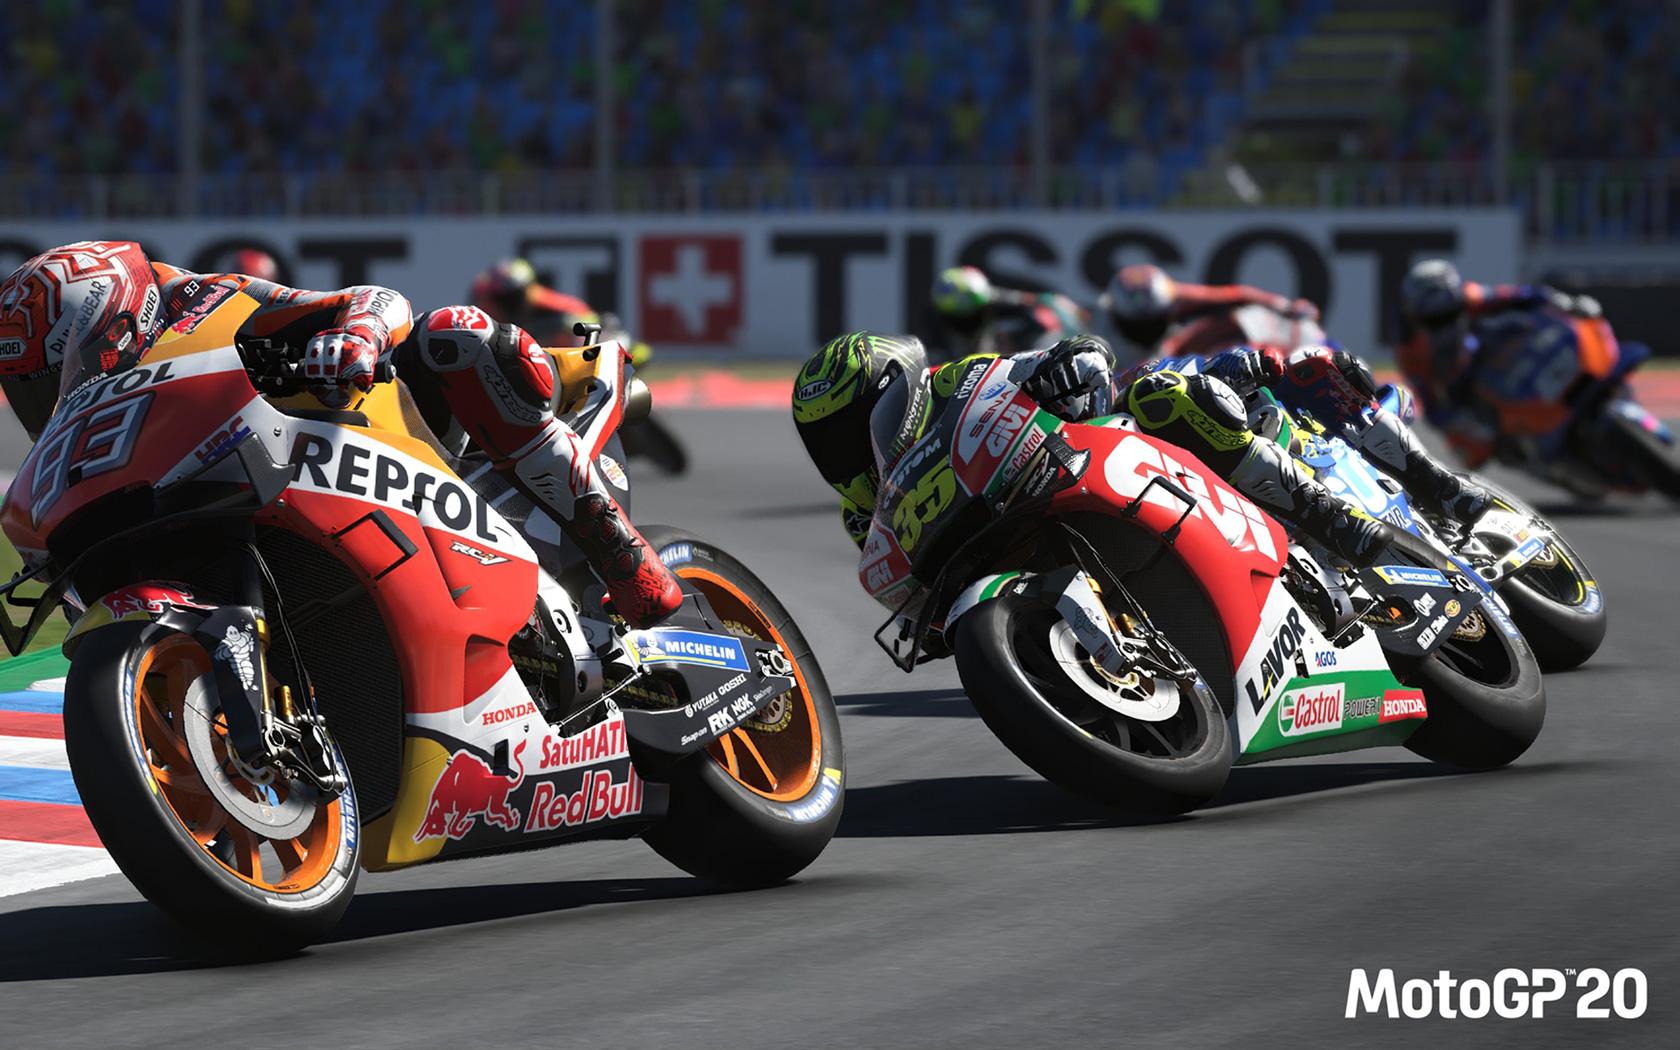 MotoGP 20 Wallpaper in 1680x1050